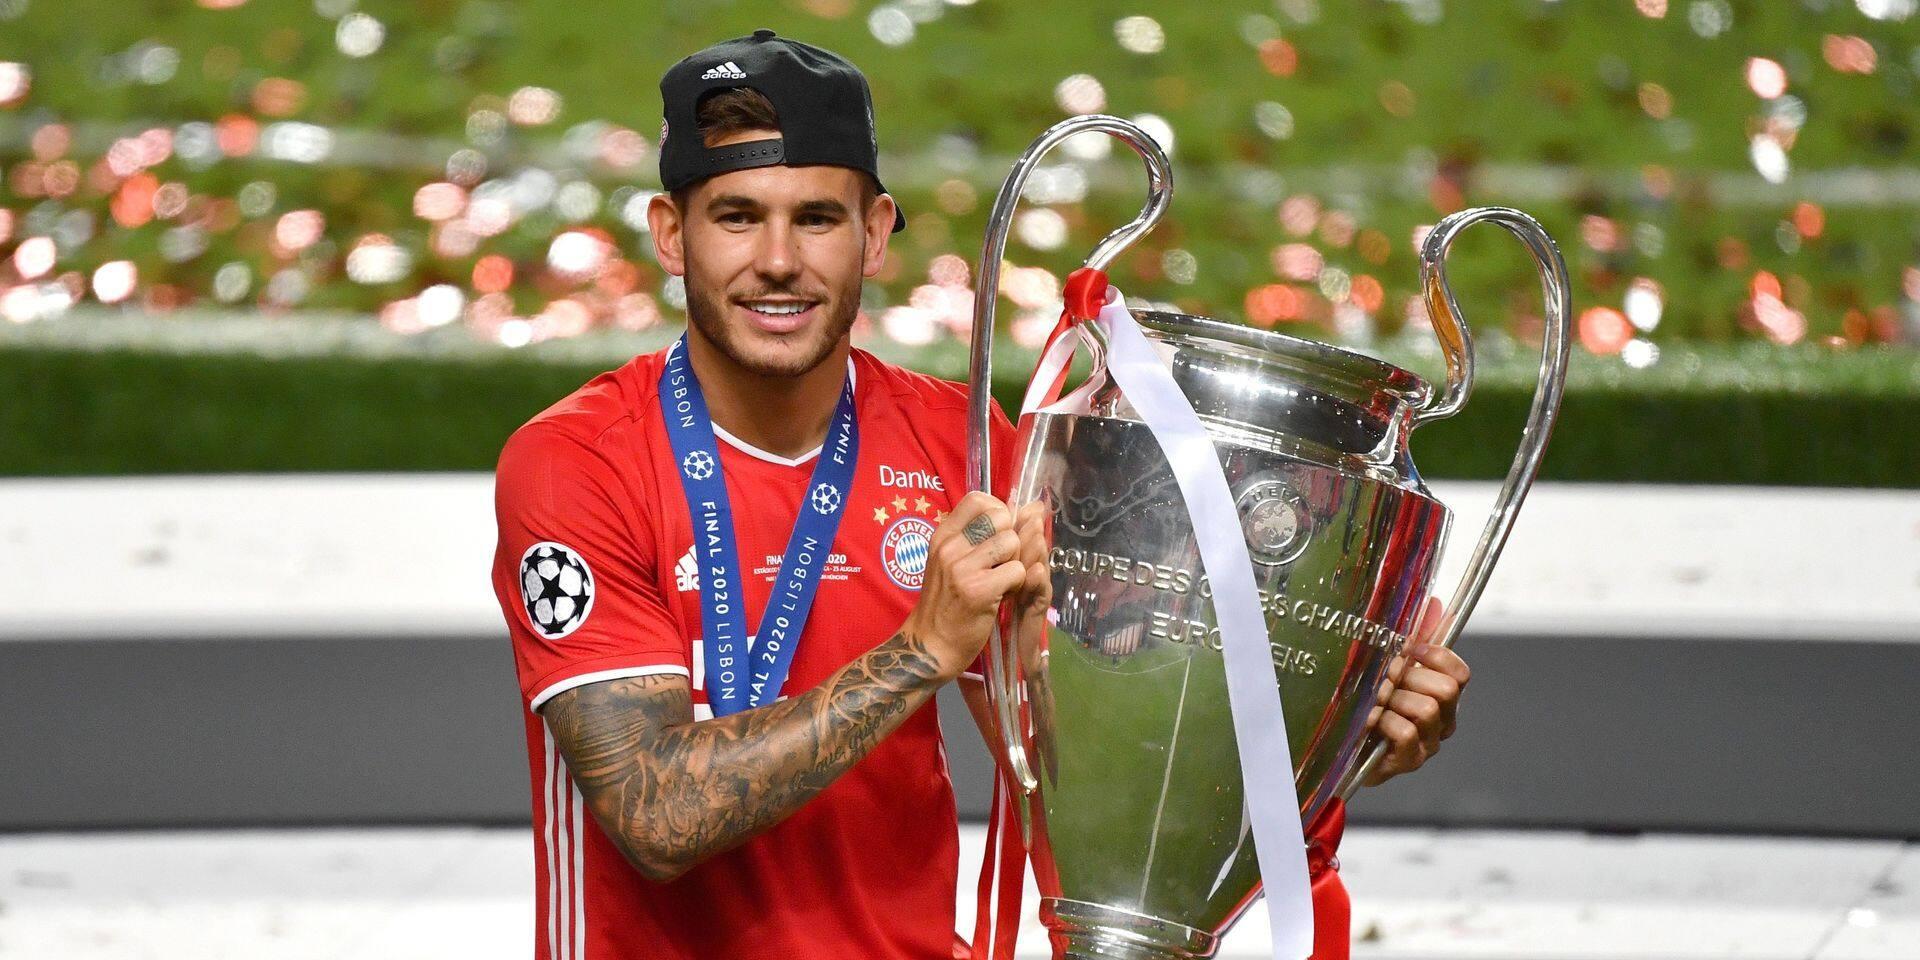 Journal du mercato (13/09): Hernandez pourrait quitter le Bayern, Lucas Vazquez vers le Qatar